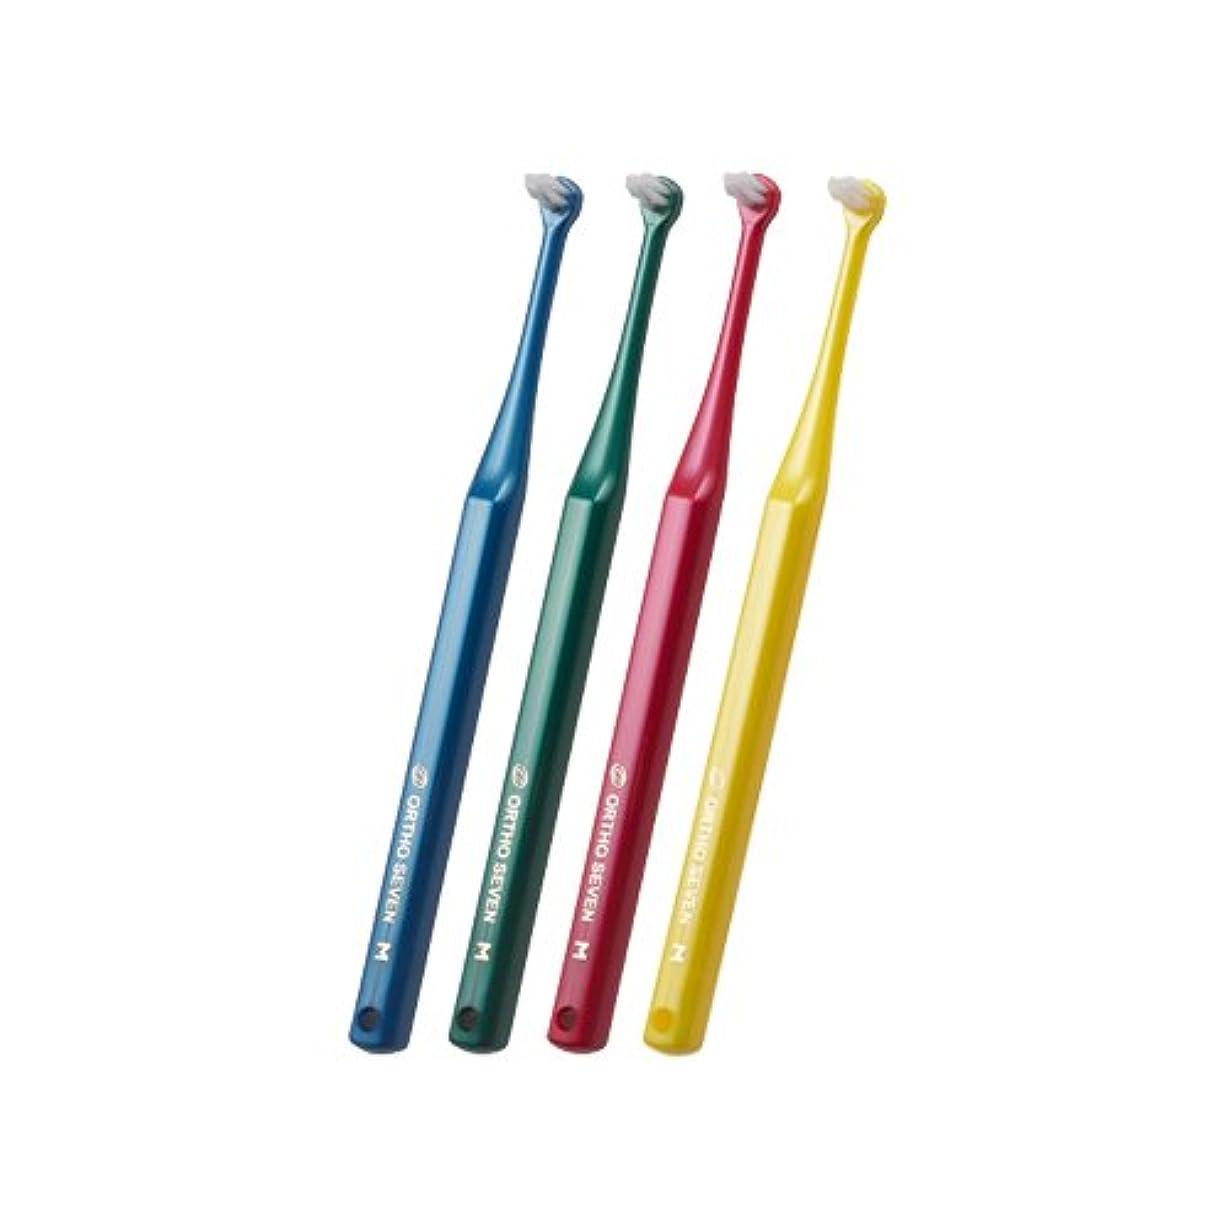 繕うトランザクションフェザーORTHO SEVEN オーソセブン 歯ブラシ 4本セット